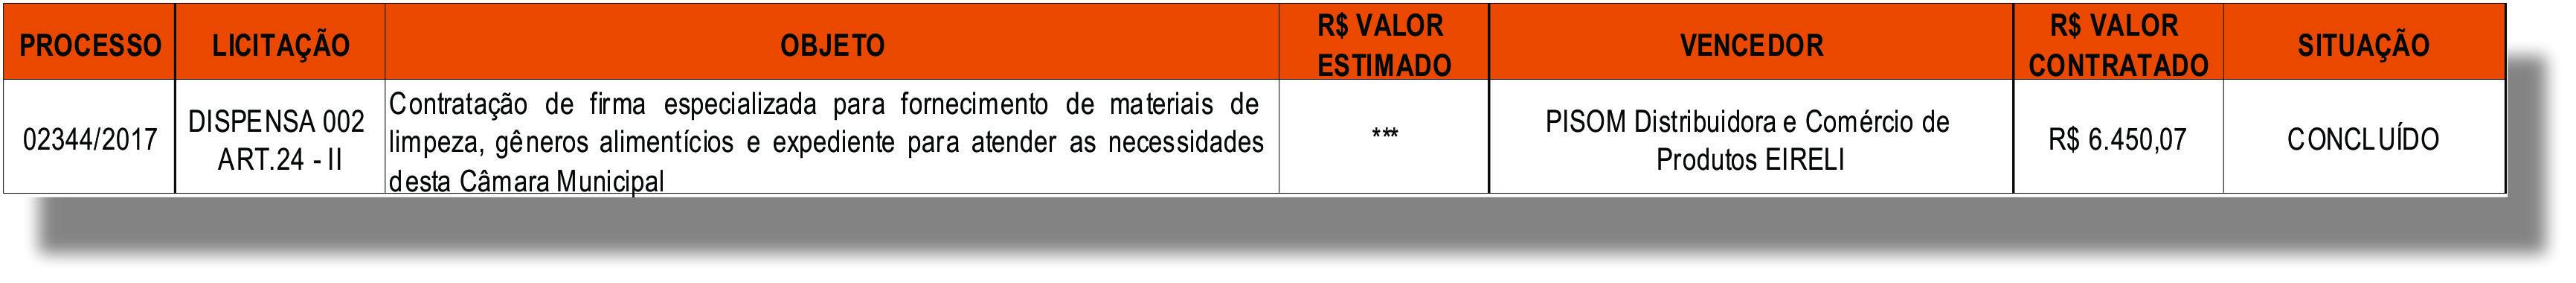 Contratos-e1494355836105 CONTRATOS